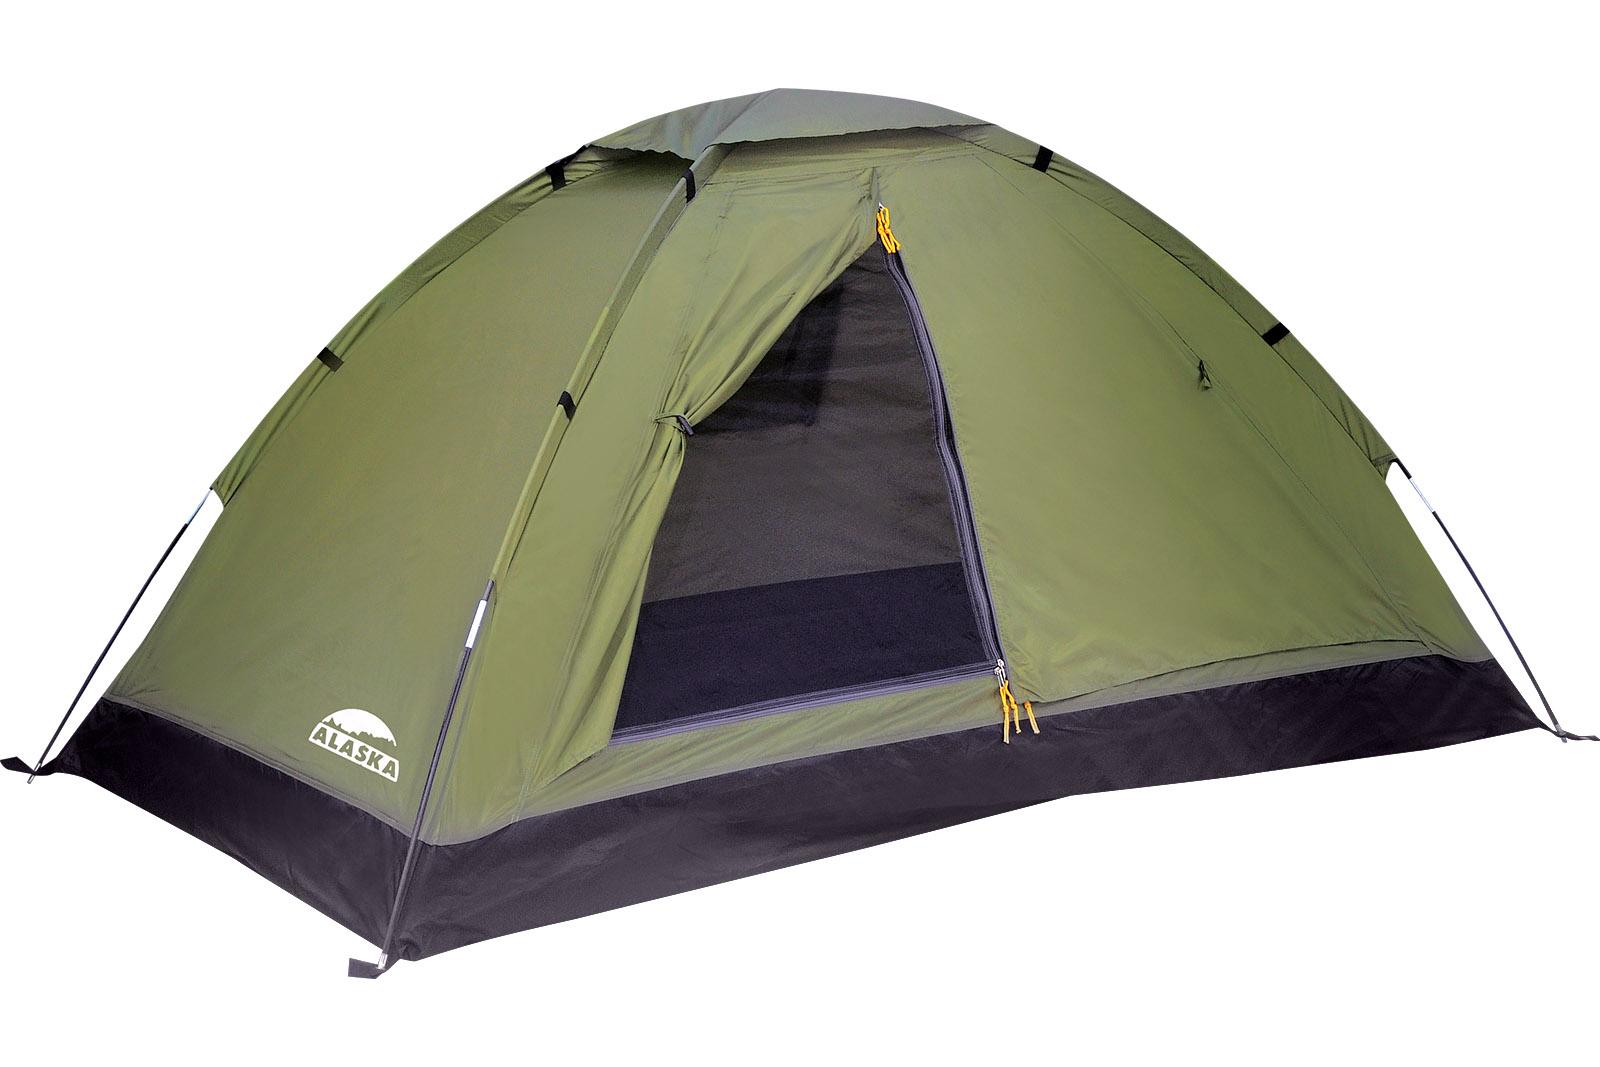 Палатка AlaskaПалатки<br>Тип палатки: трекинговый,<br>Назначение палатки: охота,<br>Количество мест: 3,<br>Количество комнат: 1,<br>Количество входов: 1,<br>Форма палатки: купол,<br>Сезон: лето,<br>Количество слоев тента: 1,<br>Родина бренда: Россия,<br>Дно палатки: есть,<br>Материал: полиэстер,<br>Цвет: синий,<br>Вес нетто: 2.08<br>